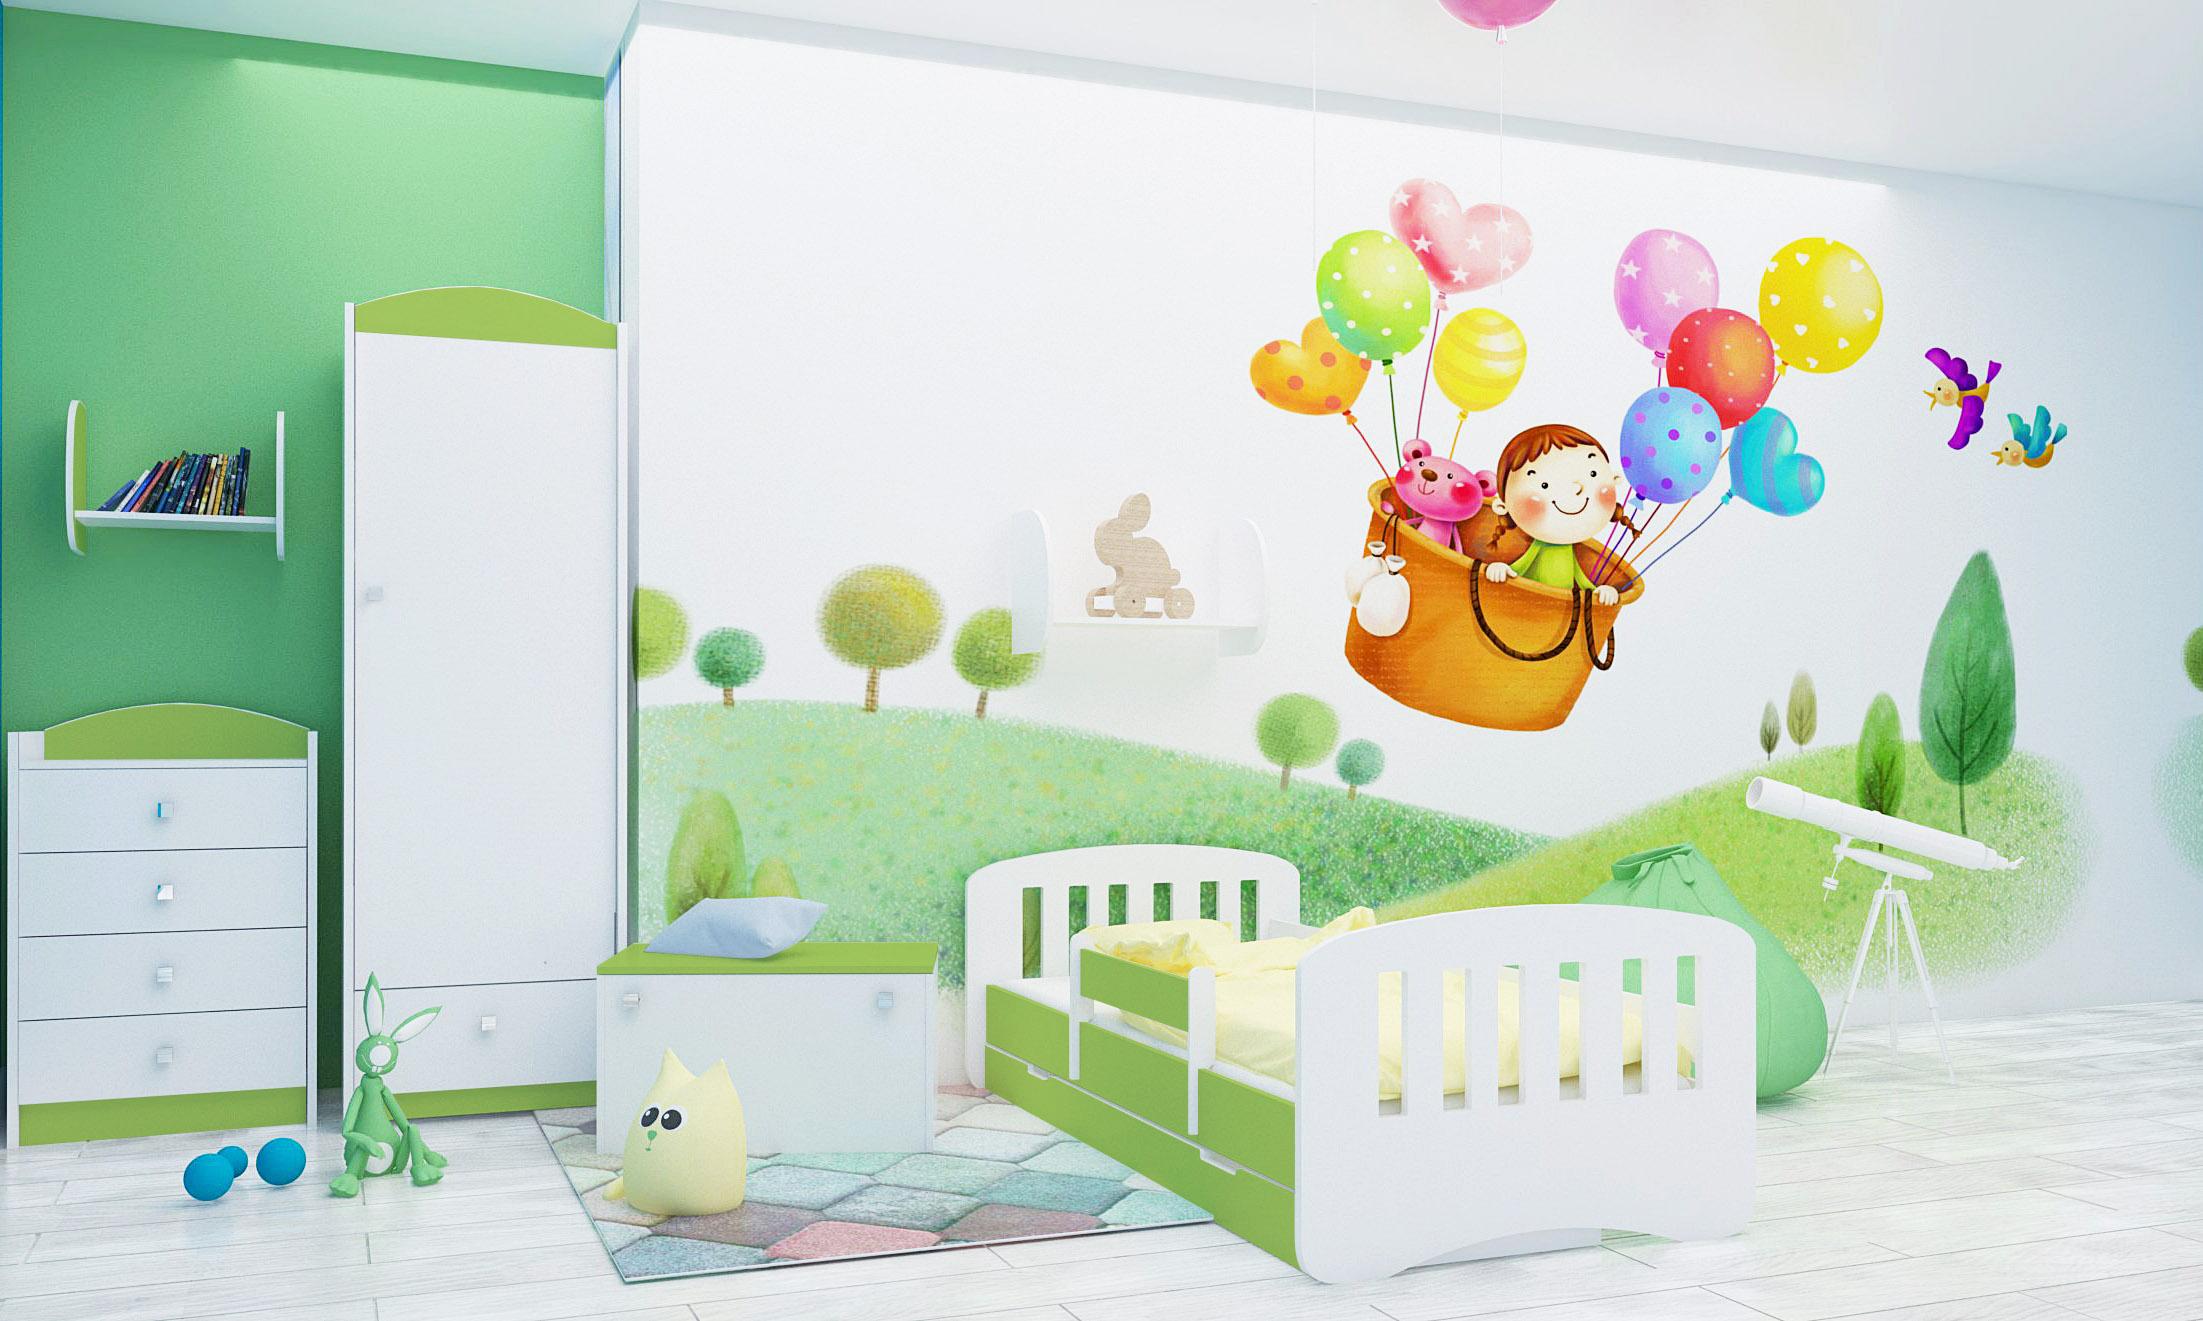 Happy Babies Detská posteľ Happy dizajn/čiarky Farba: Zelená / Biela, Prevedenie: L04 / 80 x 160 cm /S úložným priestorom, Obrázok: Čiarky